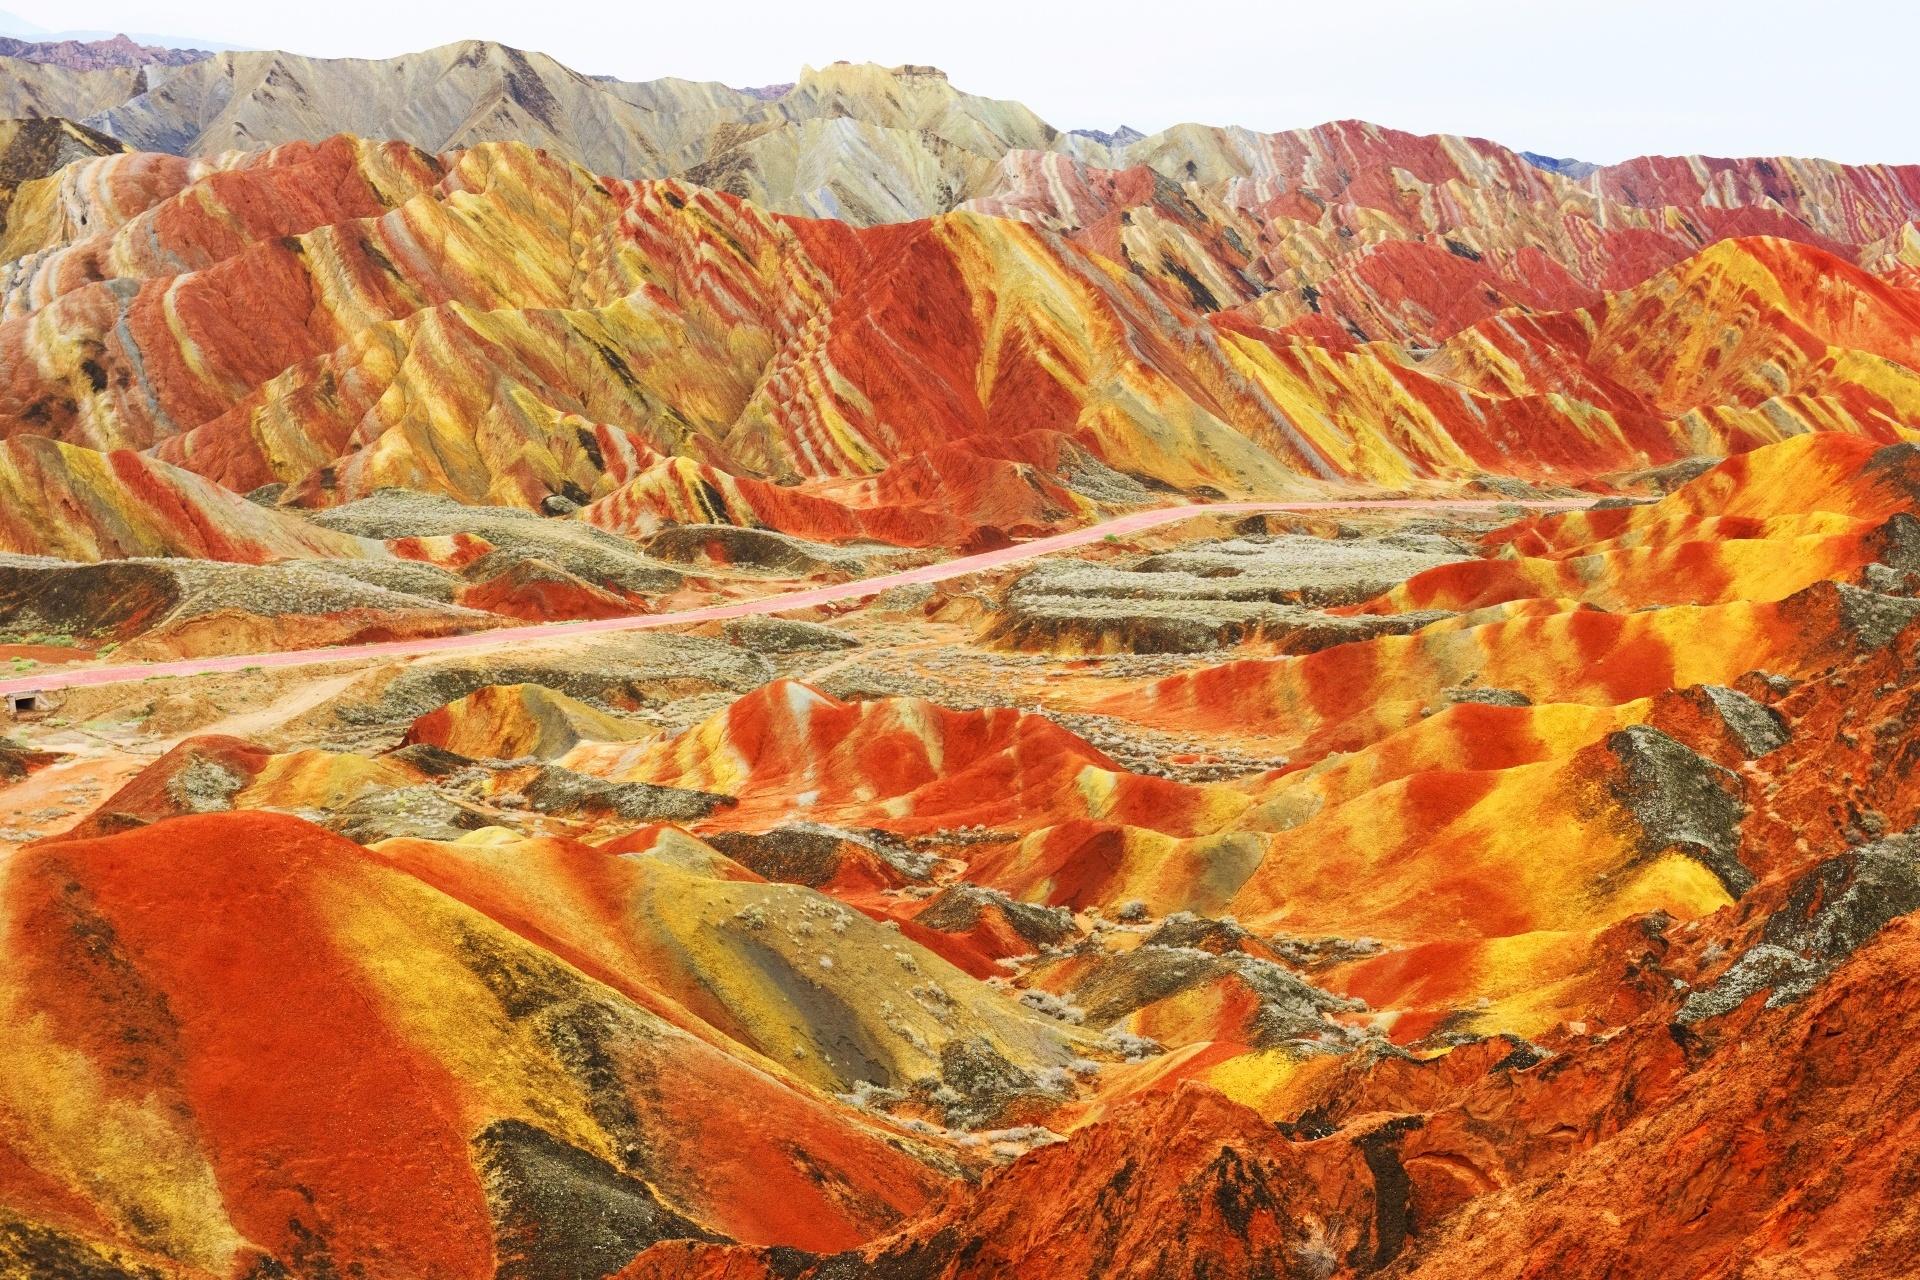 甘粛張掖国家地質公園のカラフルな岩の風景 中国の風景